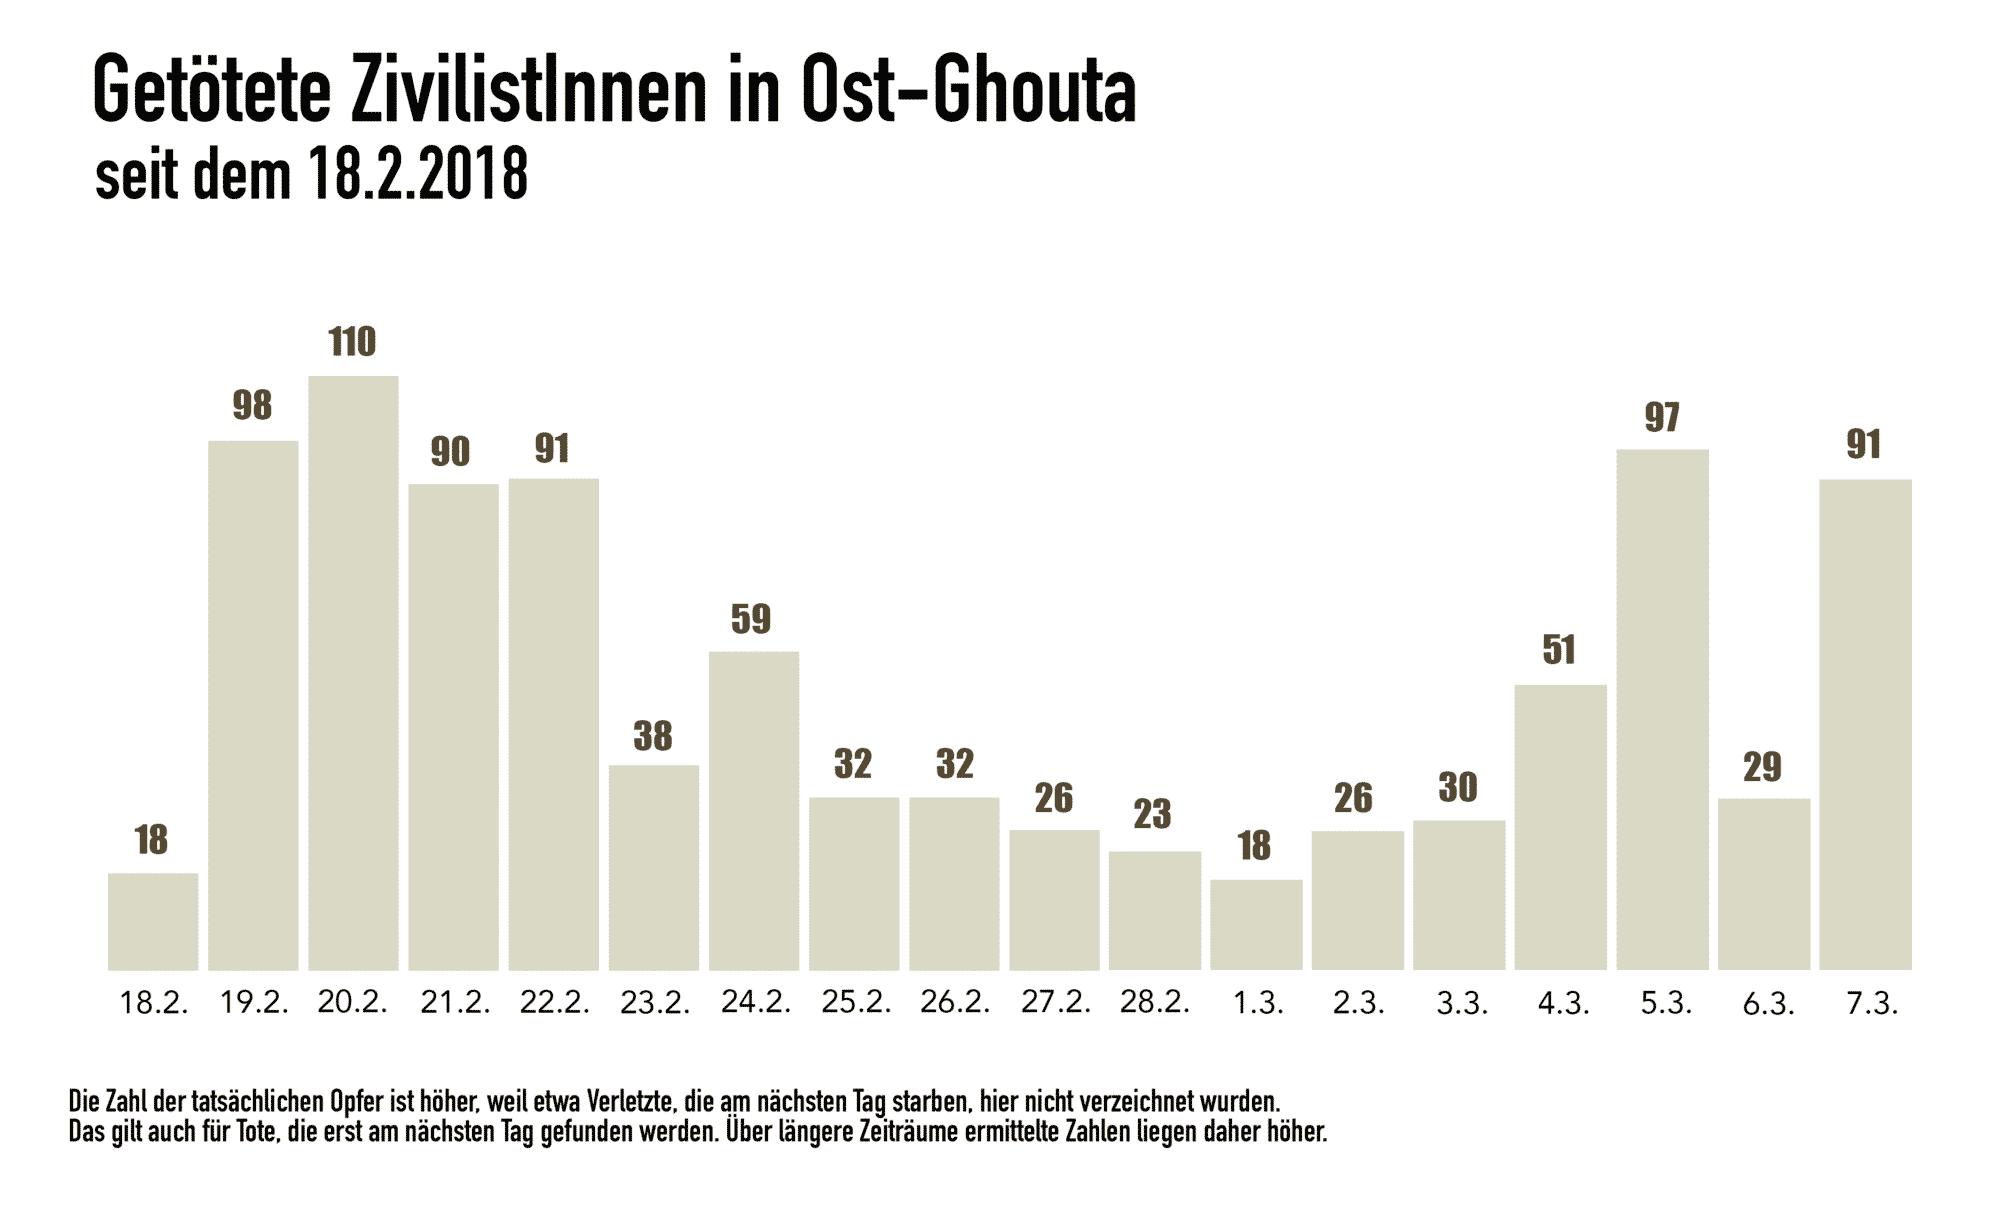 Getötete ZivilistInnen pro Tag vom 18.2.2018 bis 7.3.2018 in Ost.Ghouta